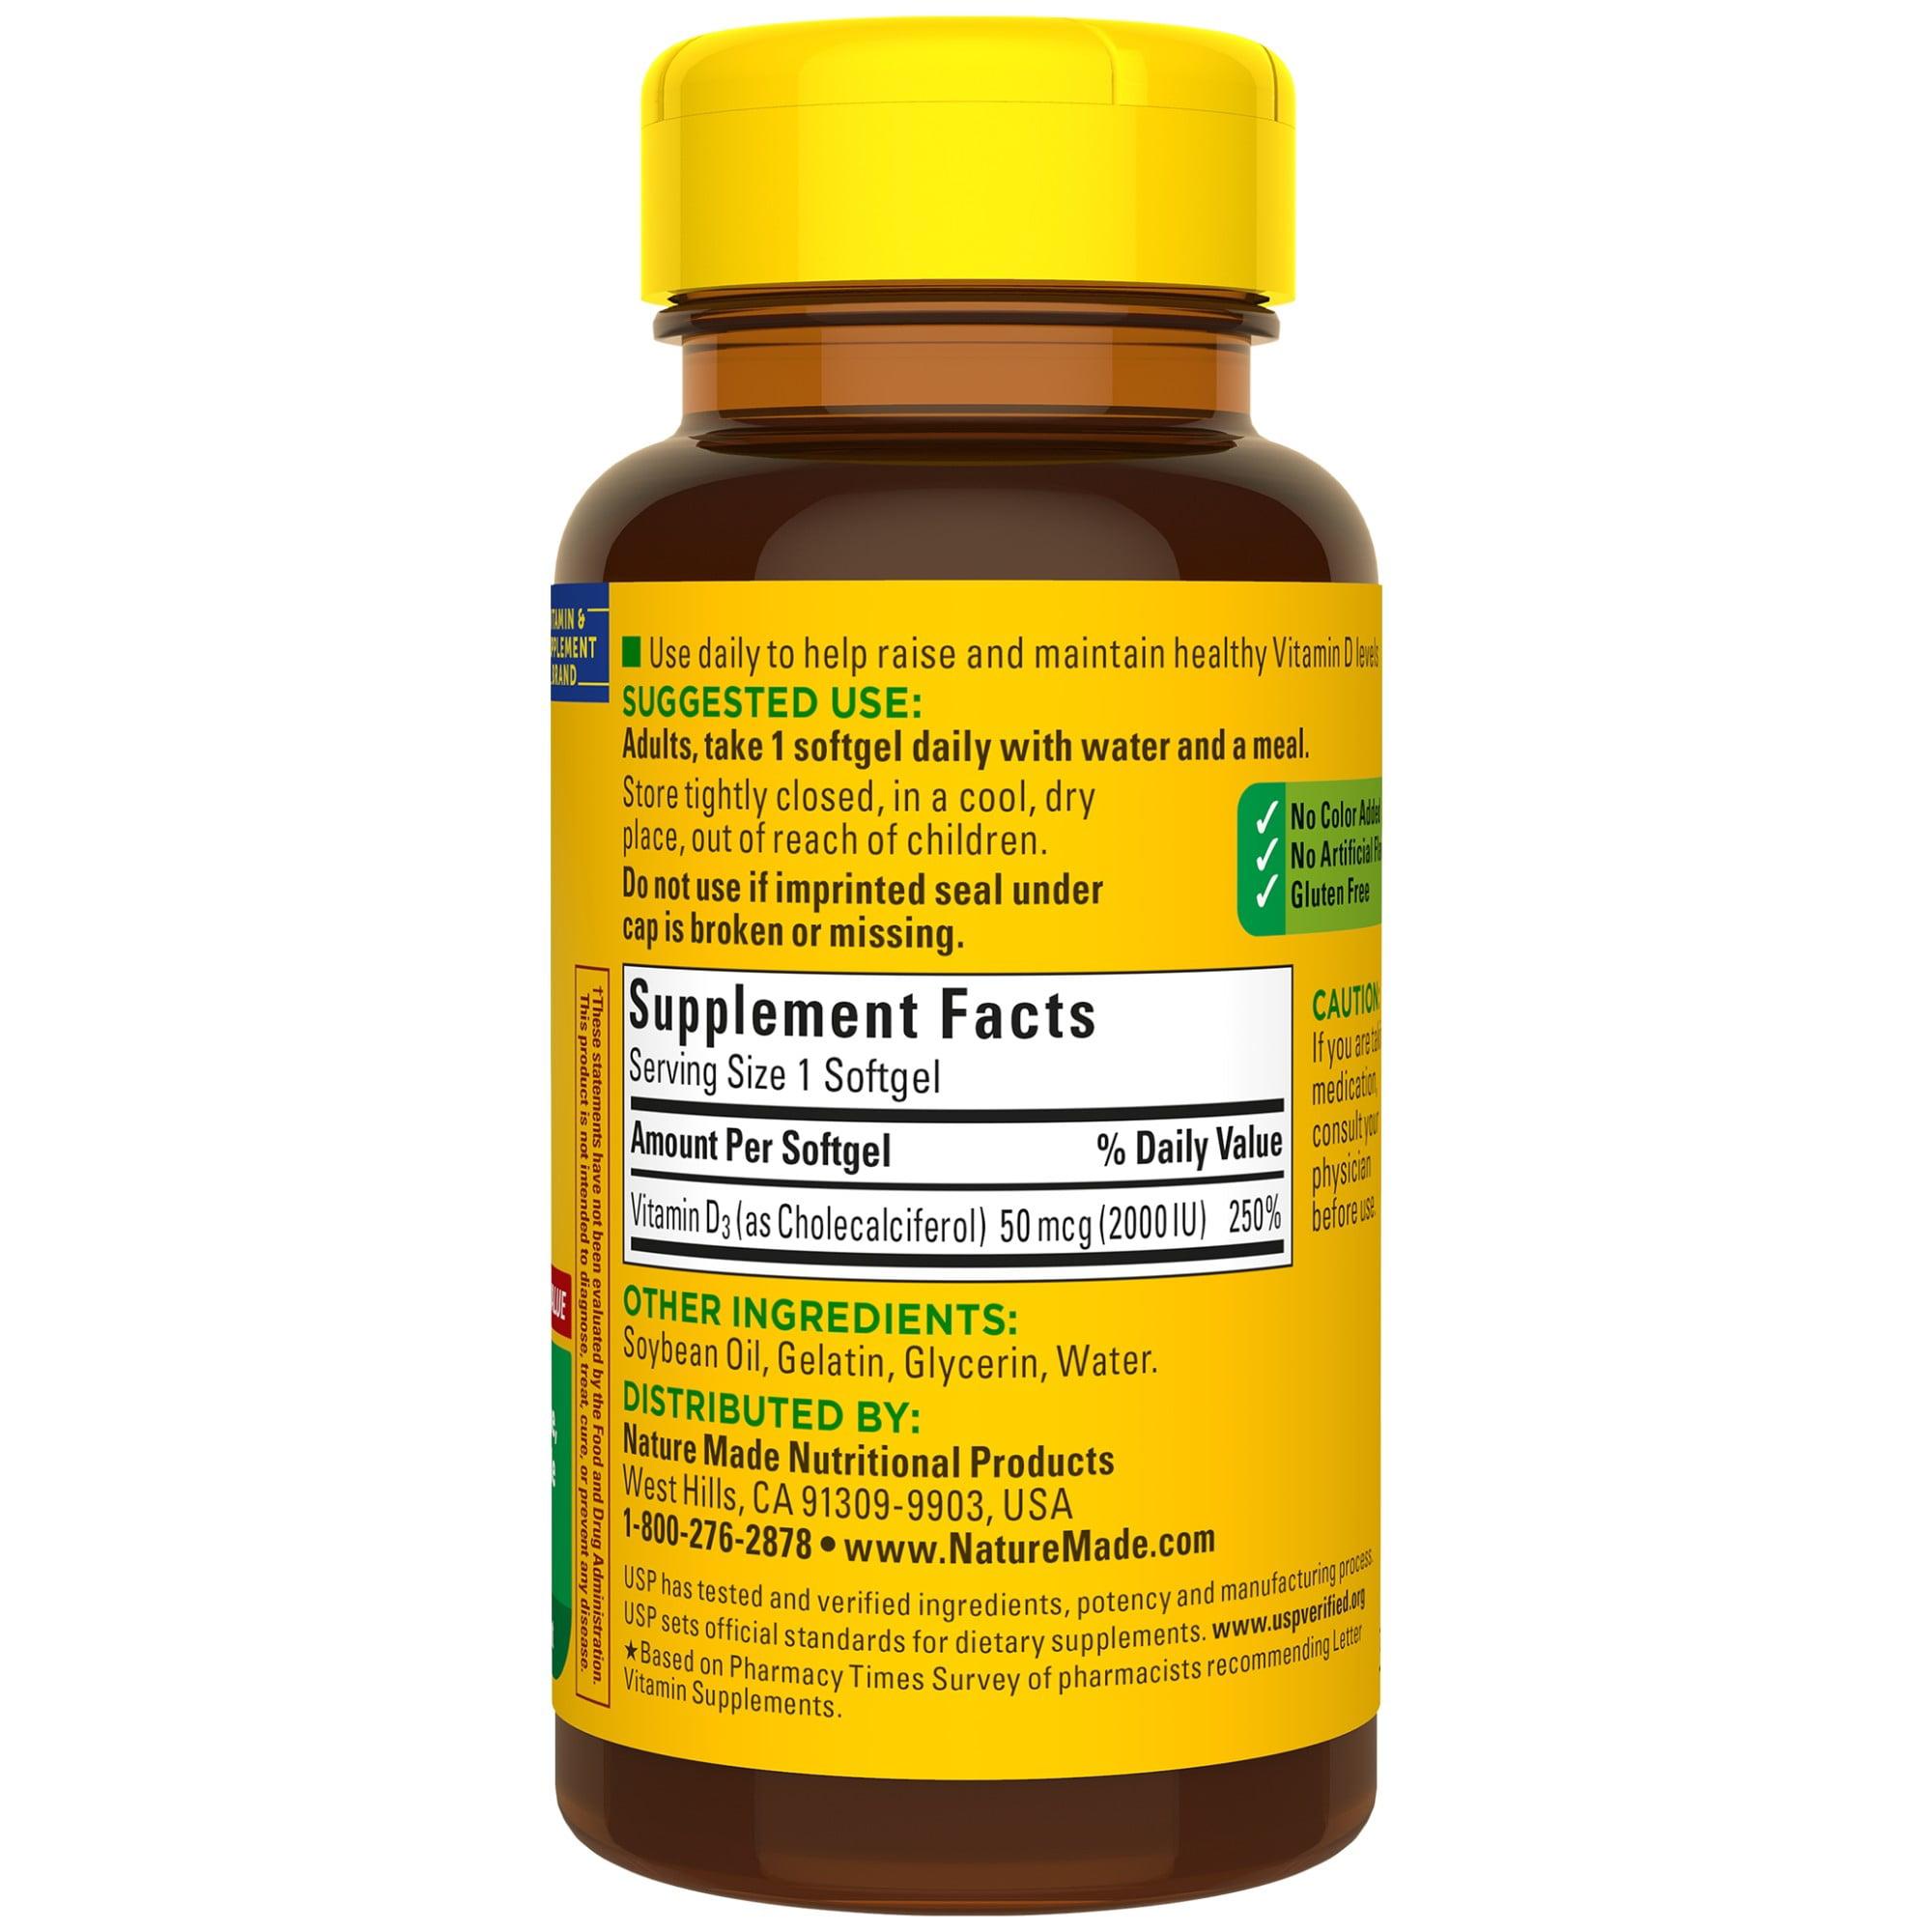 Nature Made Vitamin D3 2000 Iu 50 Mcg Softgels 100 Count For Bone Health Walmart Com Walmart Com